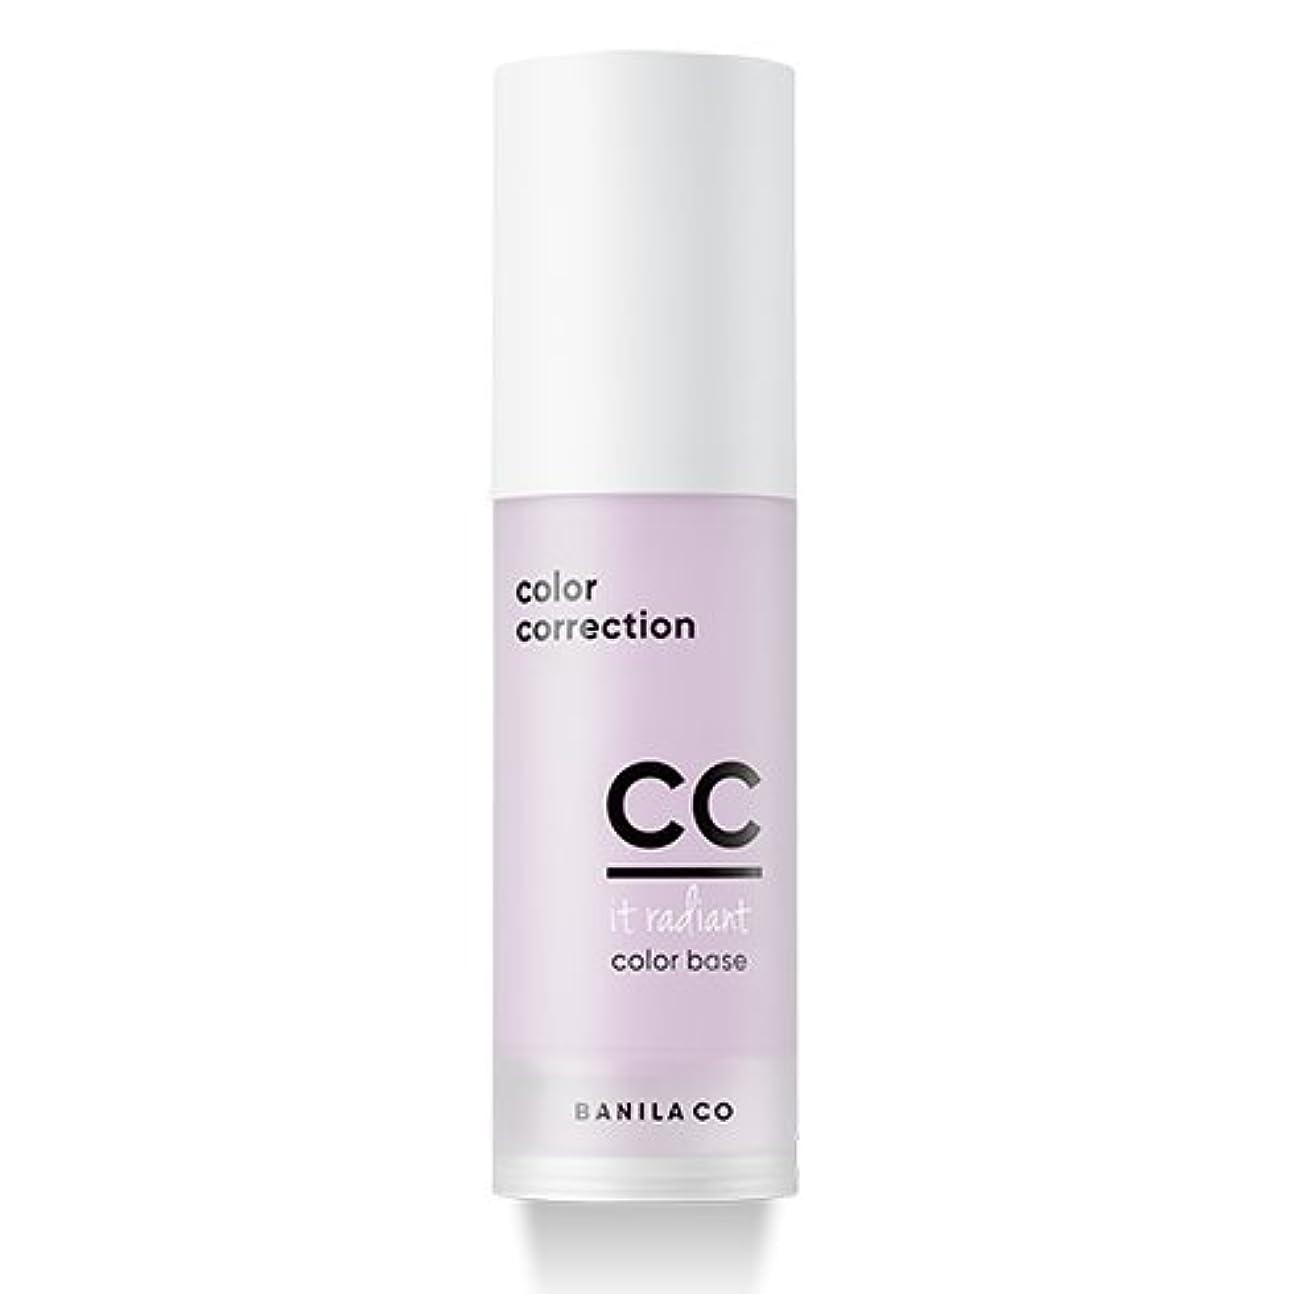 ハイランド酸度中世のBANILA CO It Radiant CC Color Base 30ml/バニラコ イット ラディアント CC カラー ベース 30ml (#Lavender) [並行輸入品]